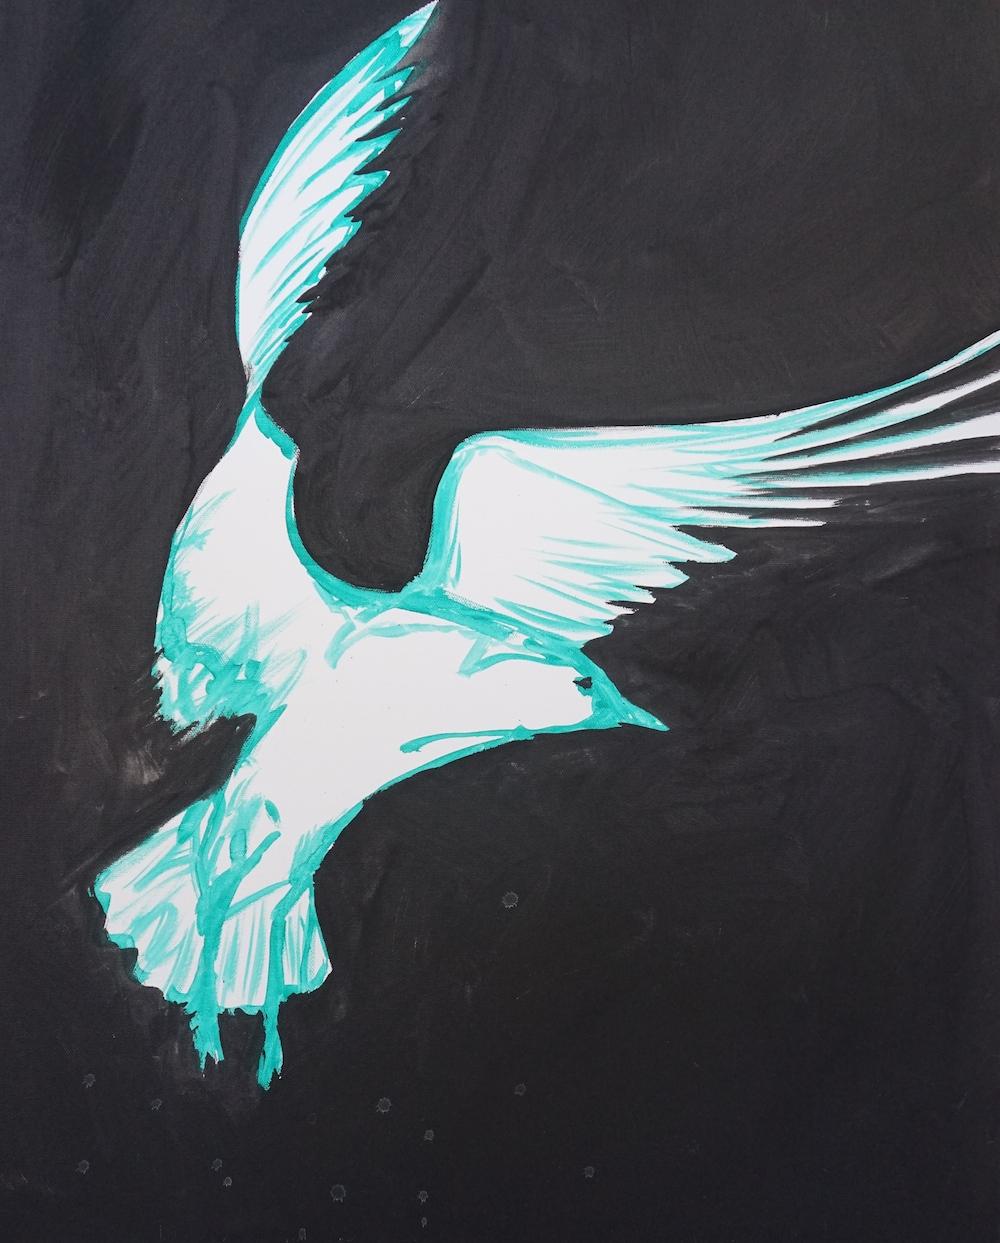 Mark Waller's seagulls